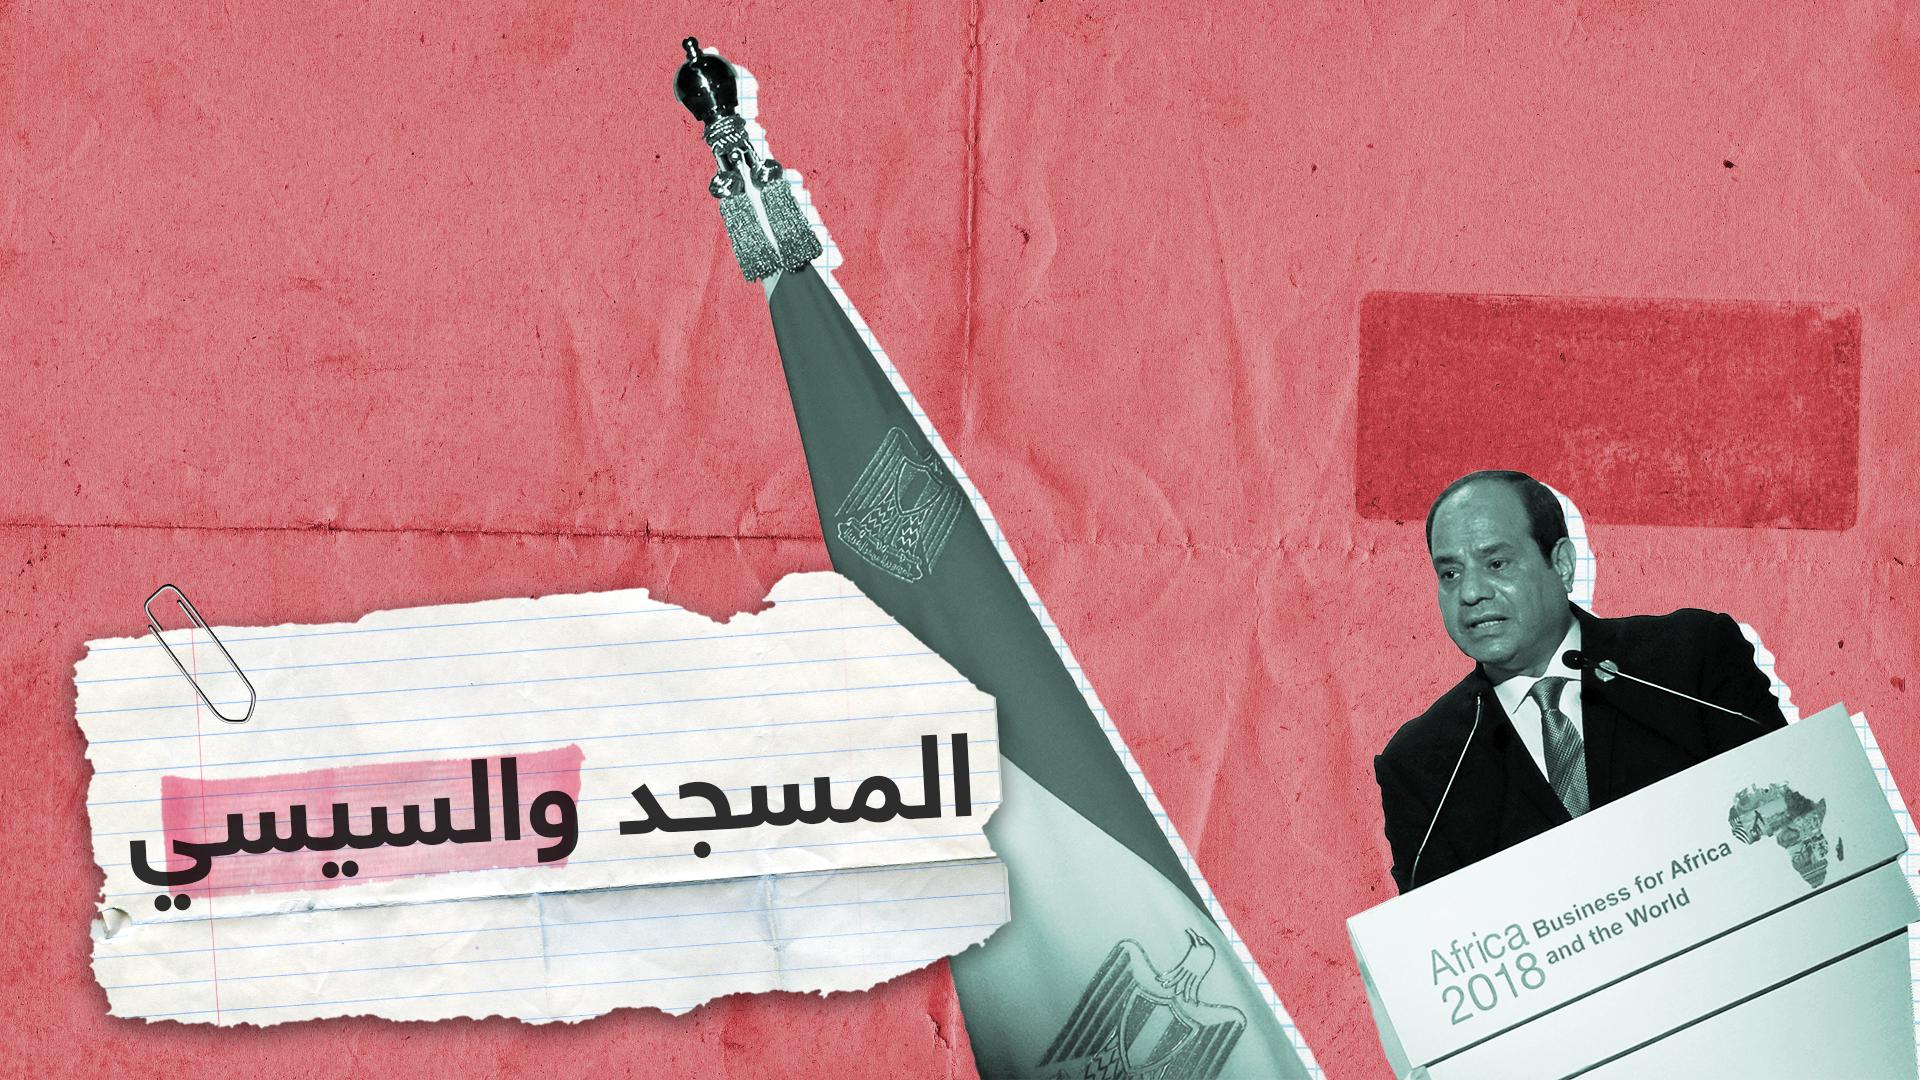 بعد أمر السيسي.. تسوية مسجد في الإسكندرية بالأرض فما السبب؟